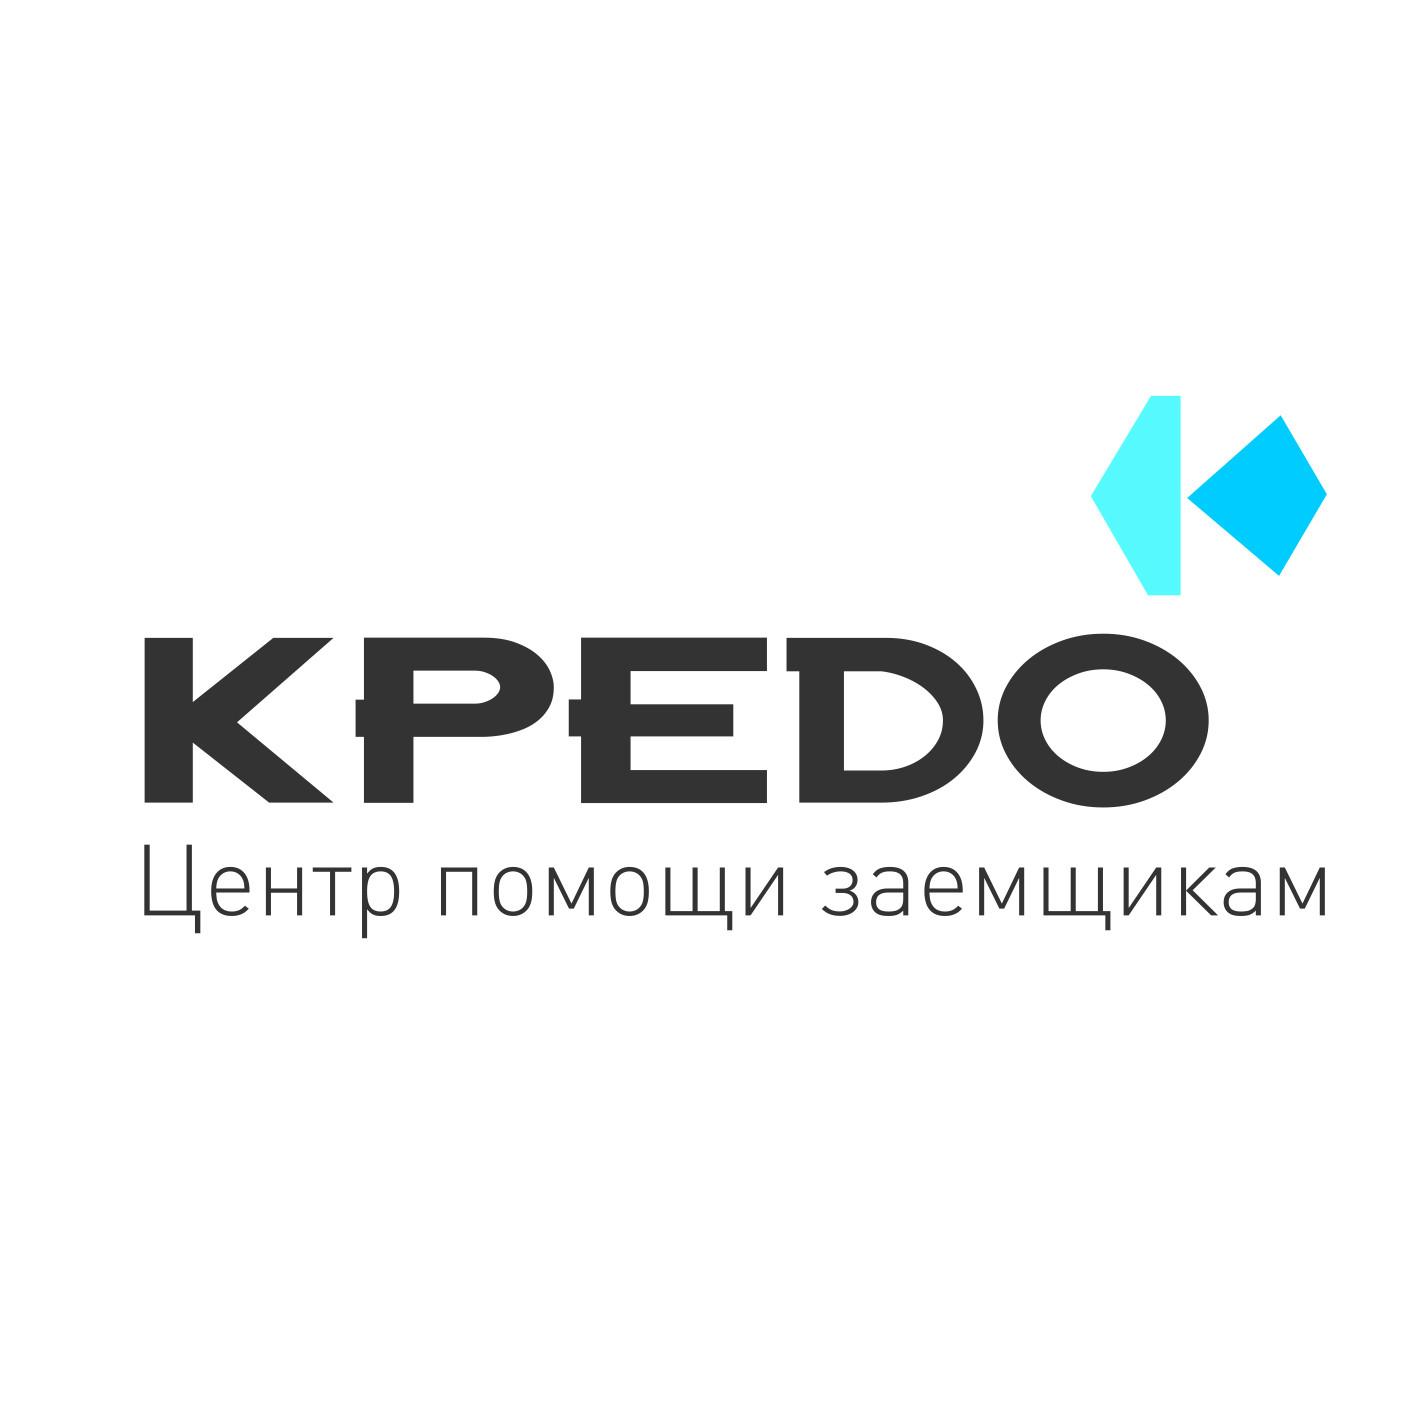 Онлайн заявка на кредит россельхозбанк